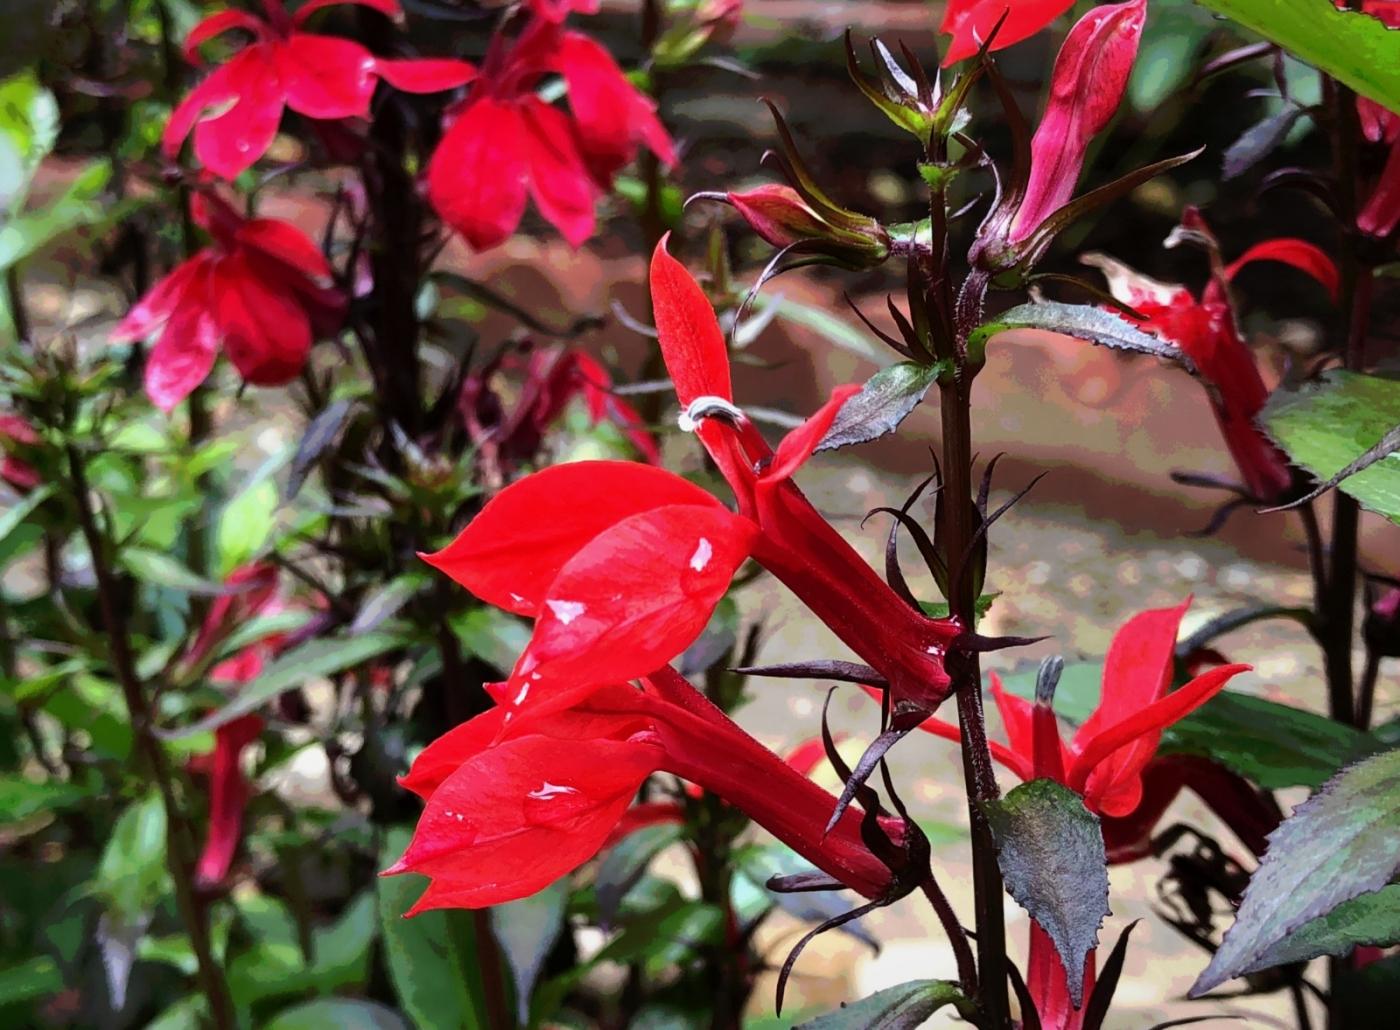 【田螺随拍】我今年种的蜂鸟喜欢吃的花都开了_图1-11